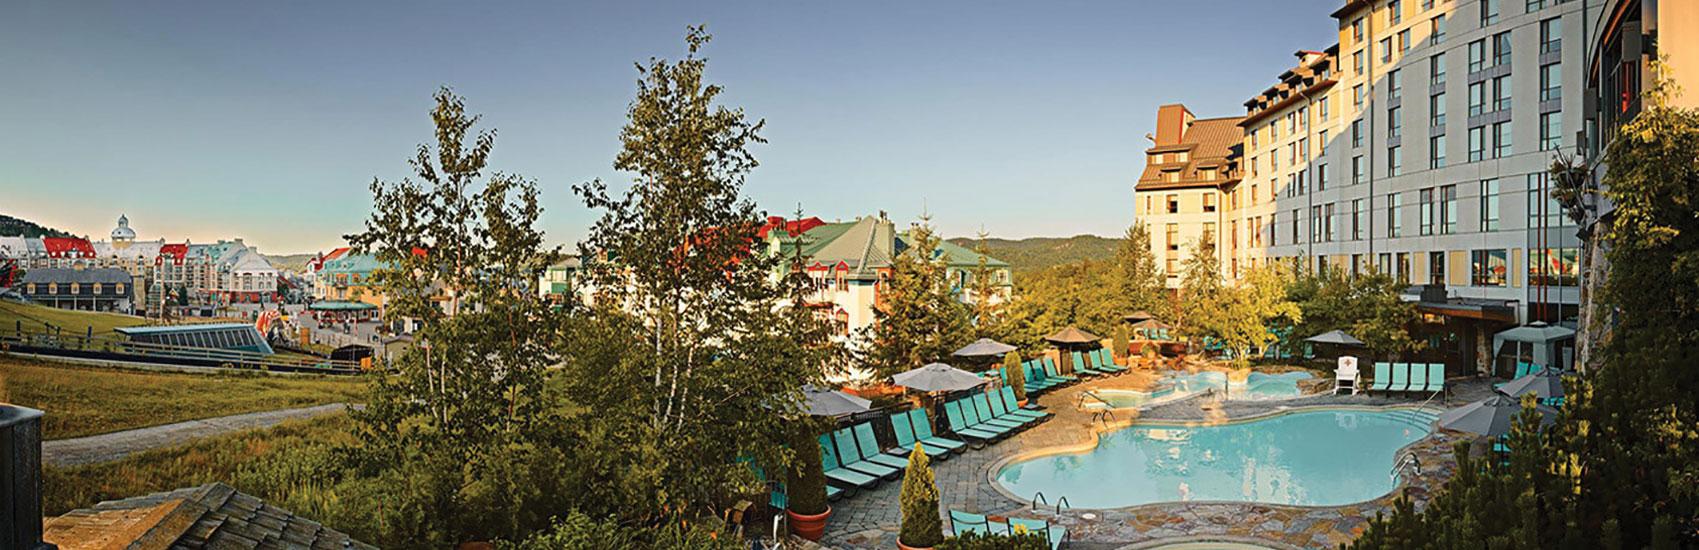 Escapade automnale en voiture avec Fairmont Hotels & Resorts 3